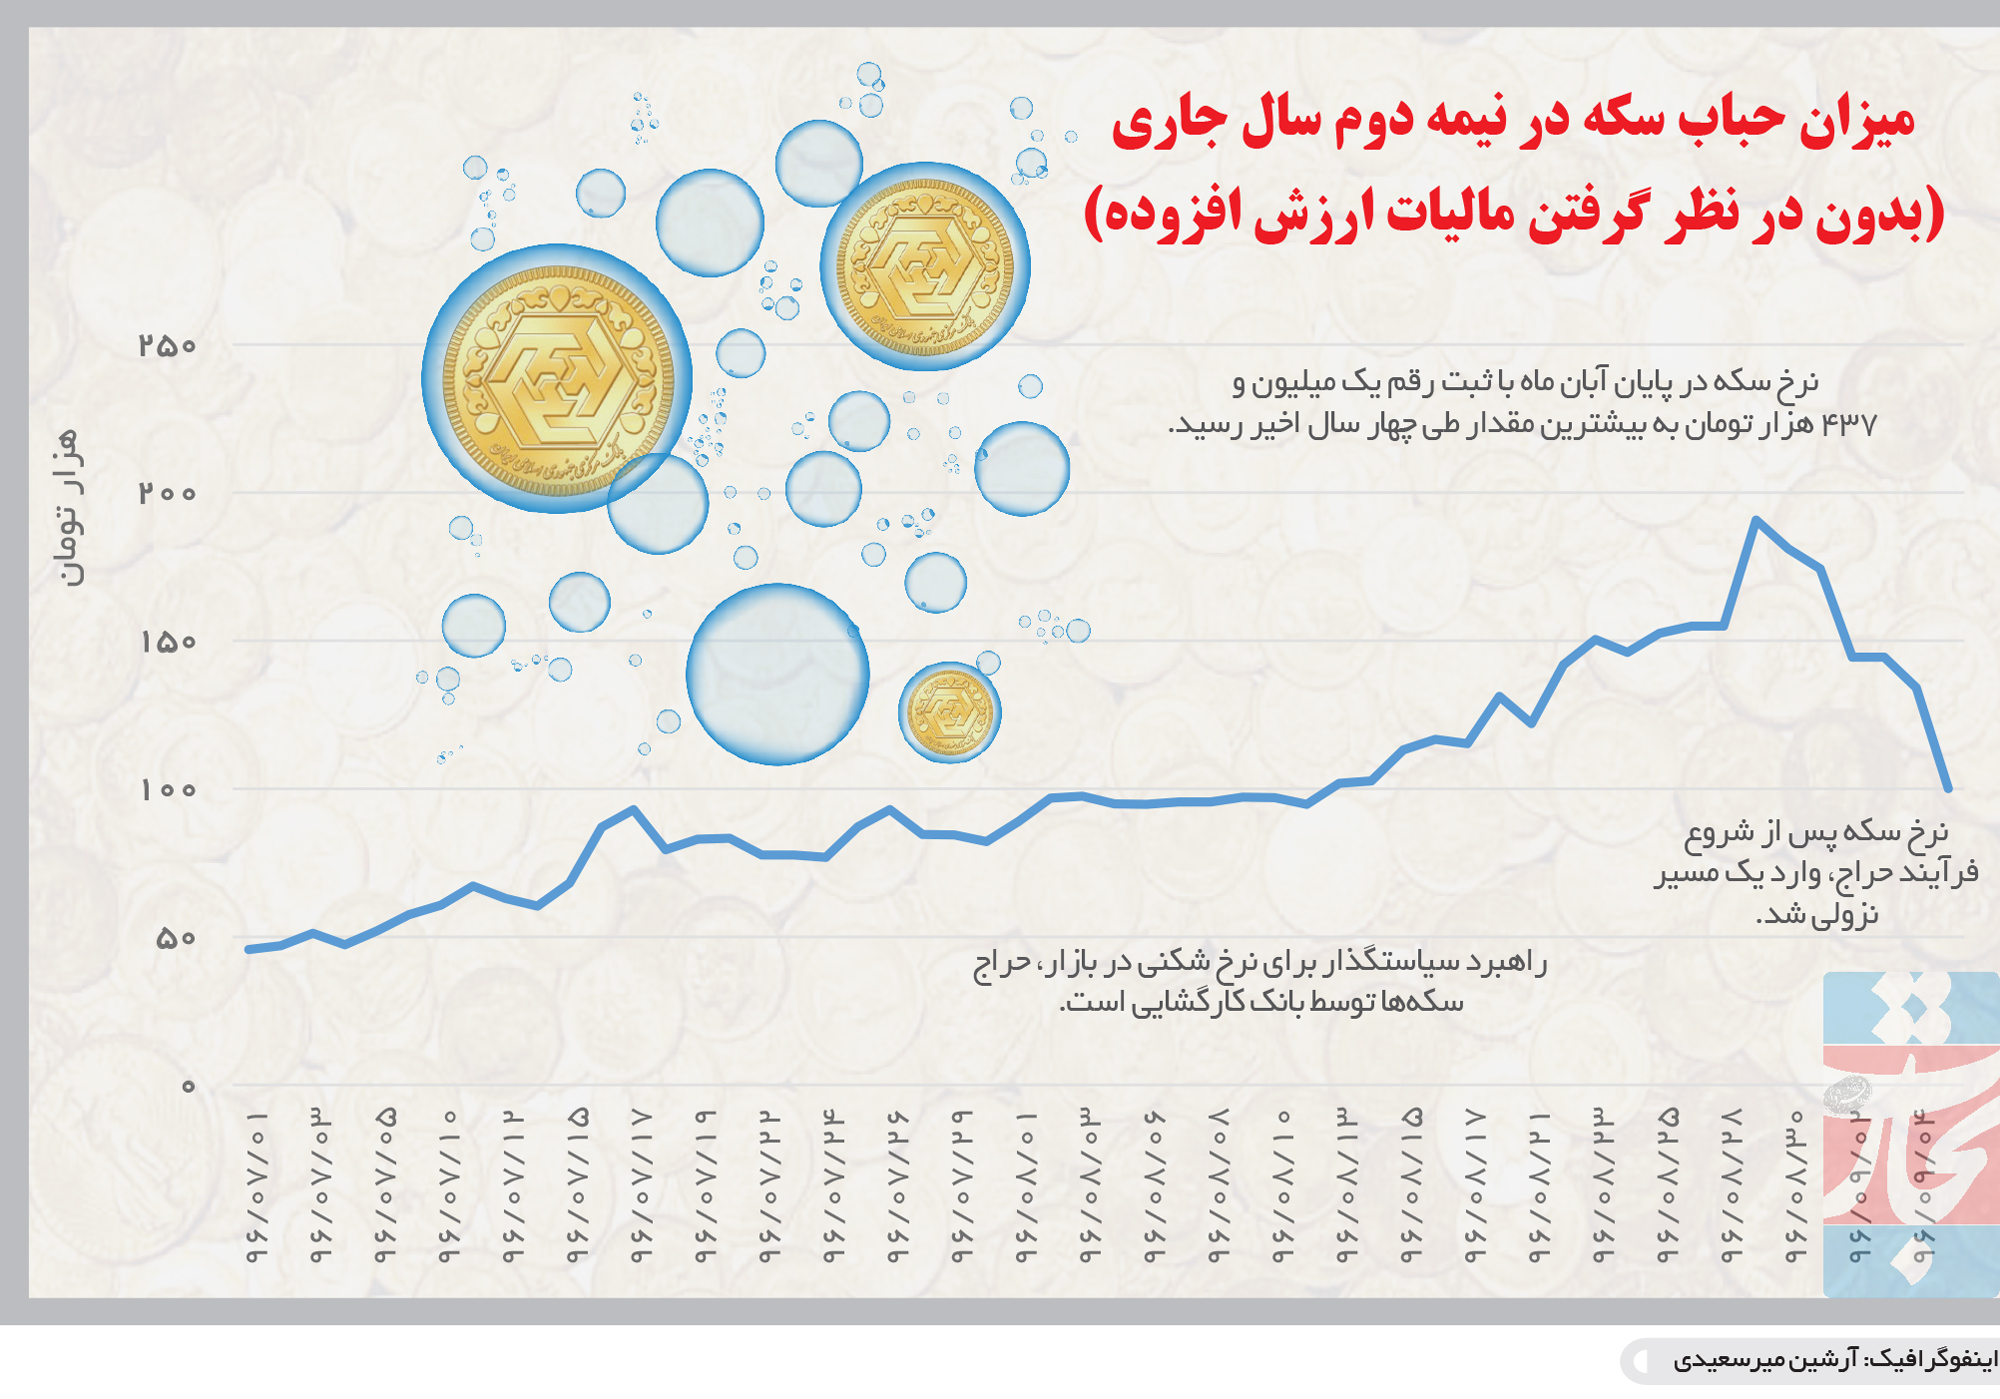 تجارت فردا- اینفوگرافیک-میزان حباب سکه در نیمه دوم سال جاری (بدون در نظر گرفتن مالیات ارزش افزوده)